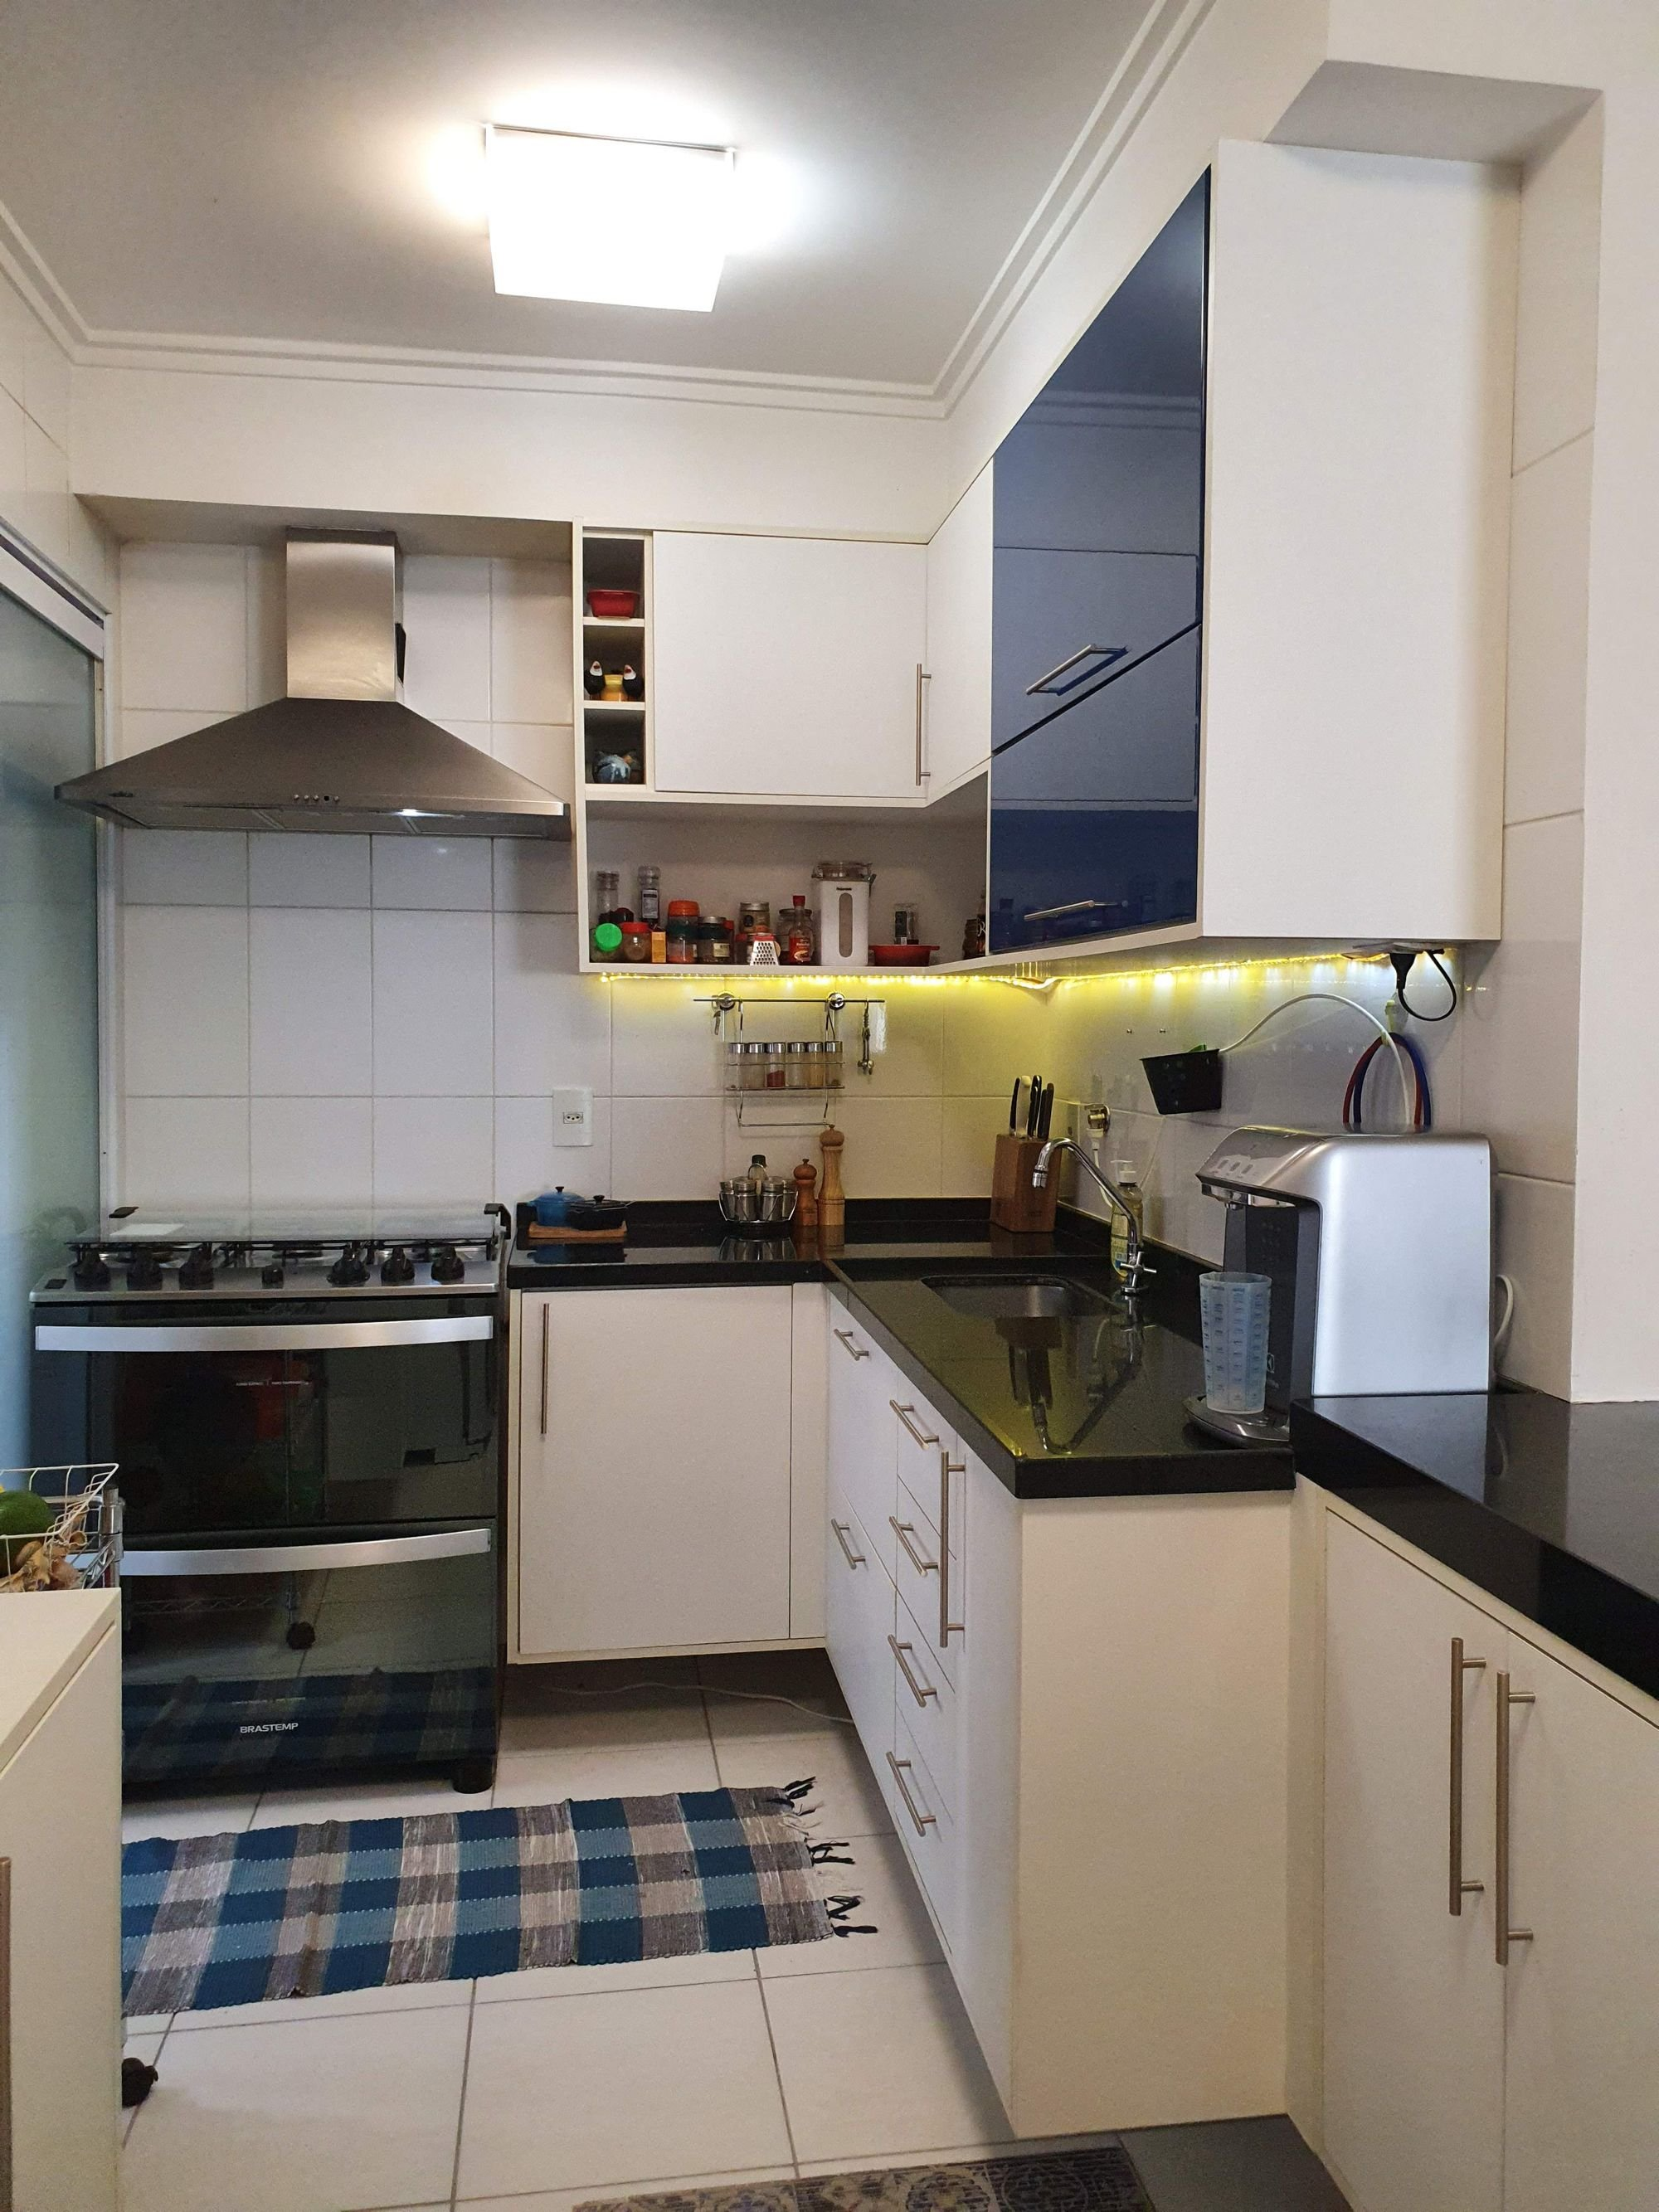 Foto de Cozinha com garrafa, forno, tigela, pia, xícara